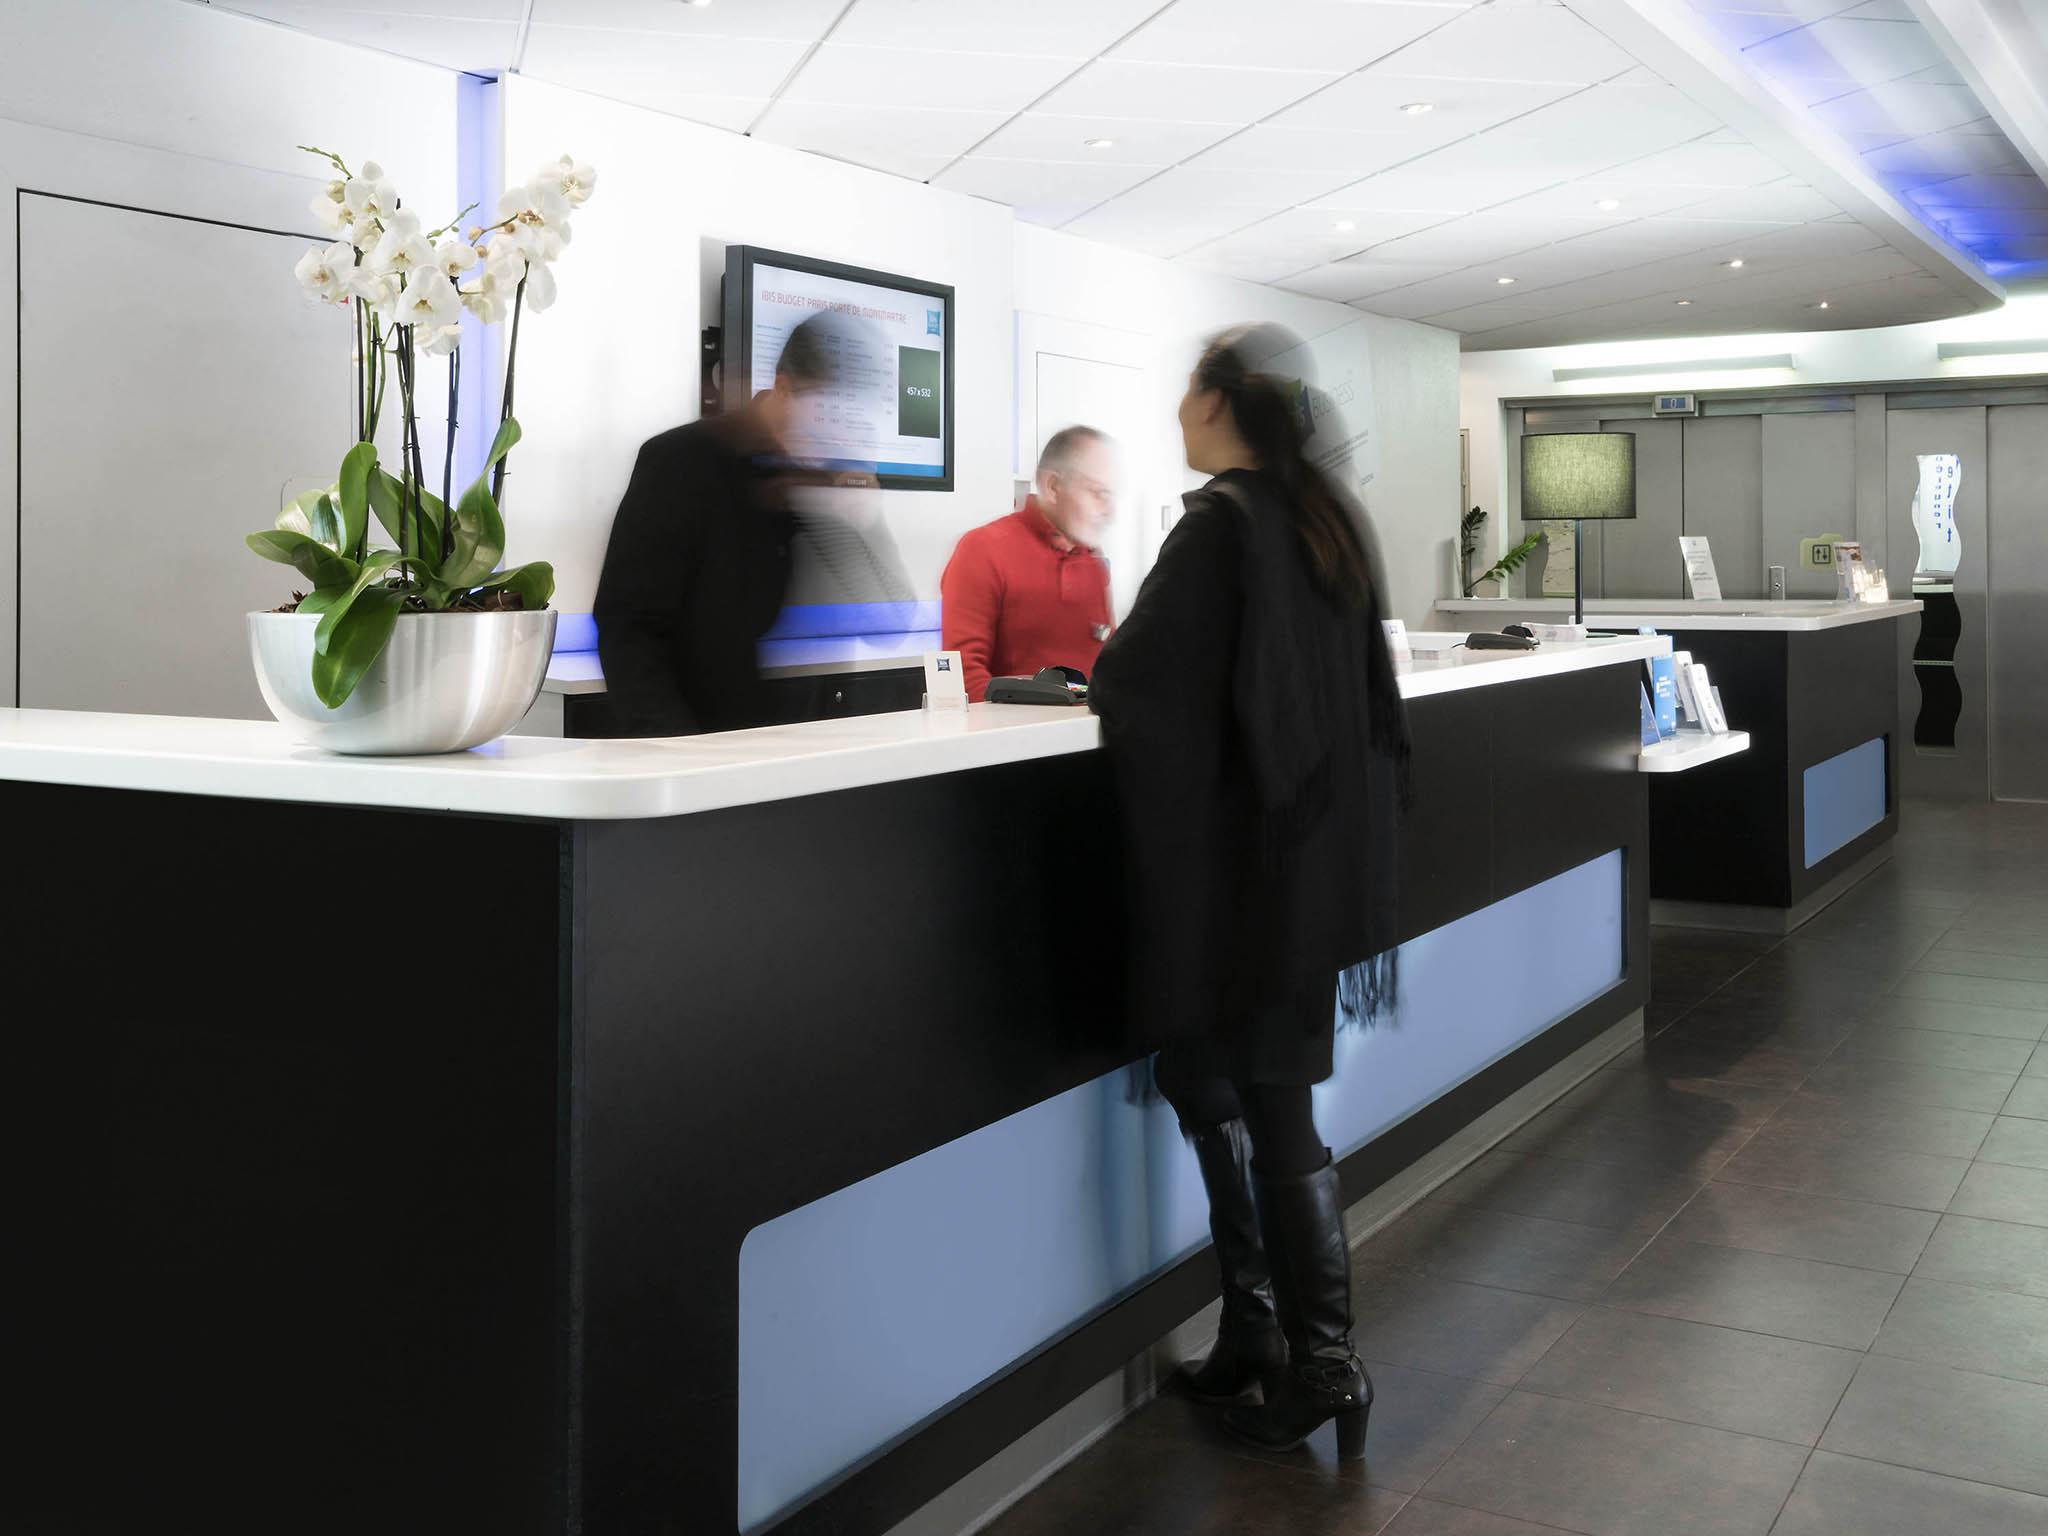 Hotel in paris ibis budget paris porte de montmartre - Hotel ibis budget paris porte d orleans ...